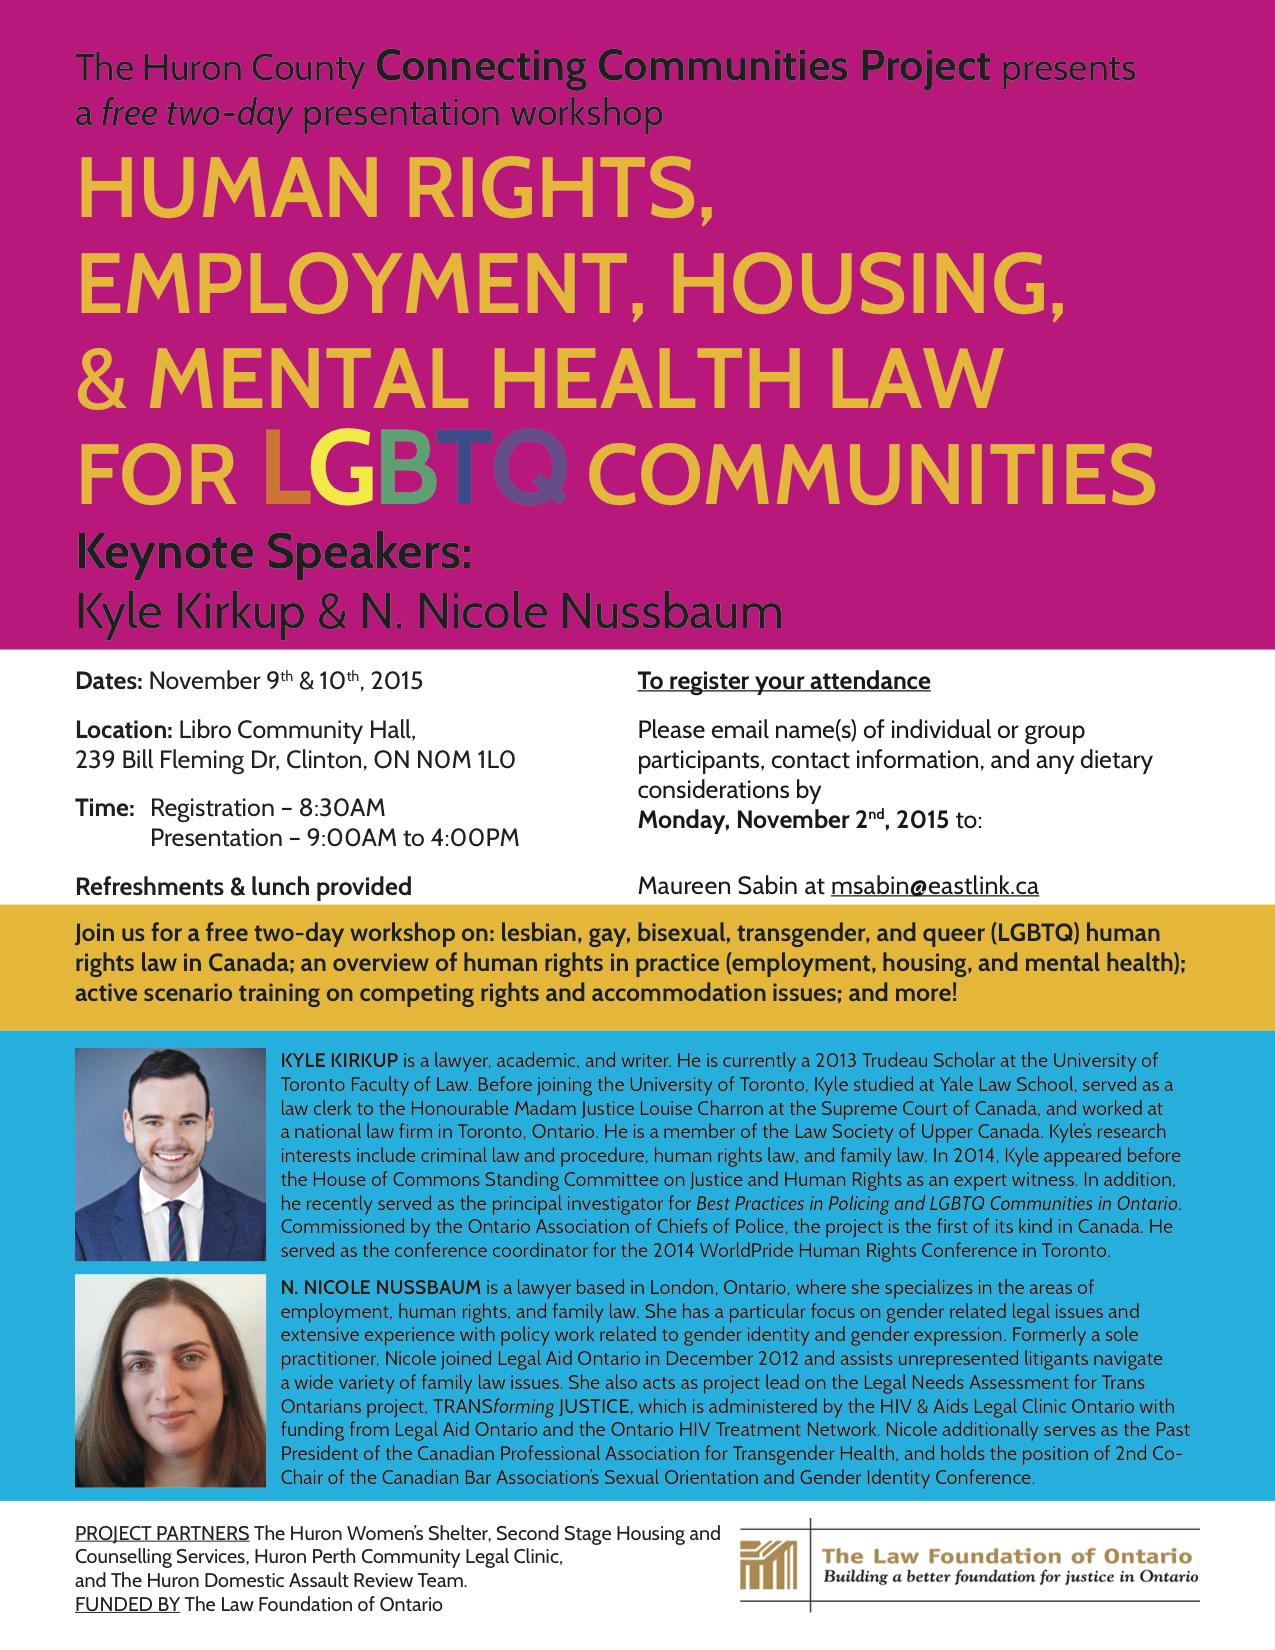 LGBTQ Human Rights Law Workshops | Kyle Kirkup